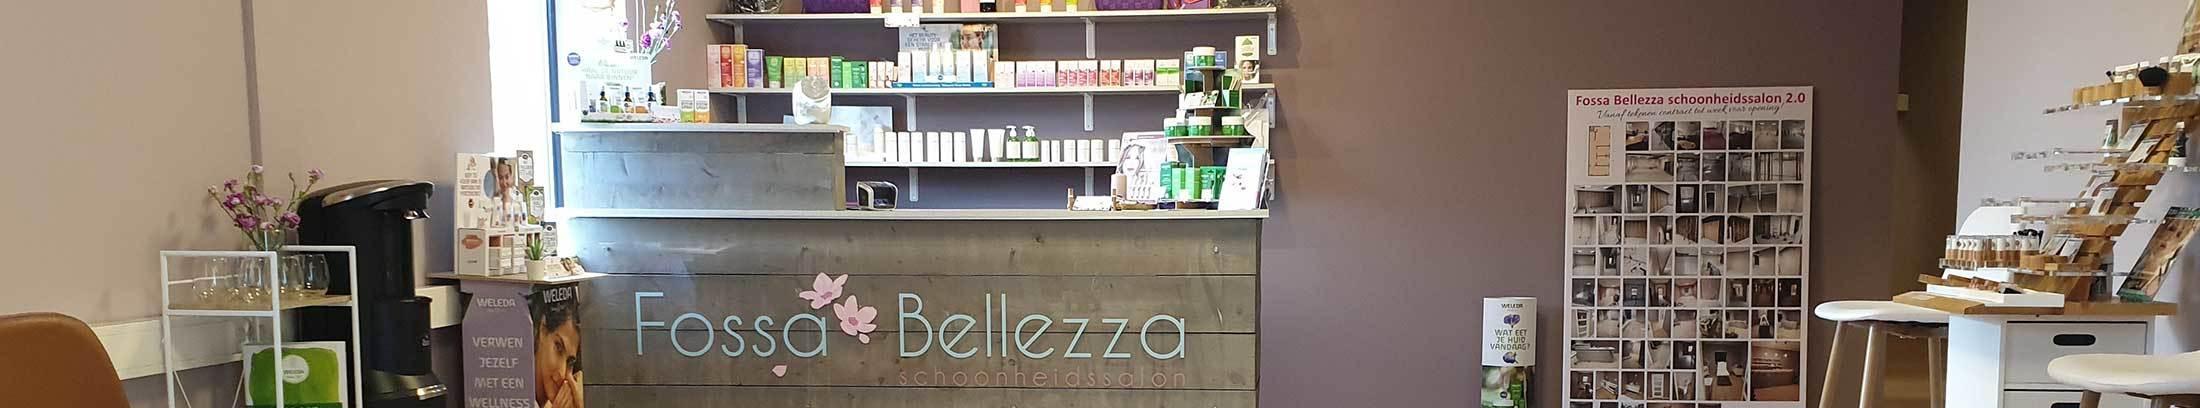 Fossa Bellezza schoonheidssalon